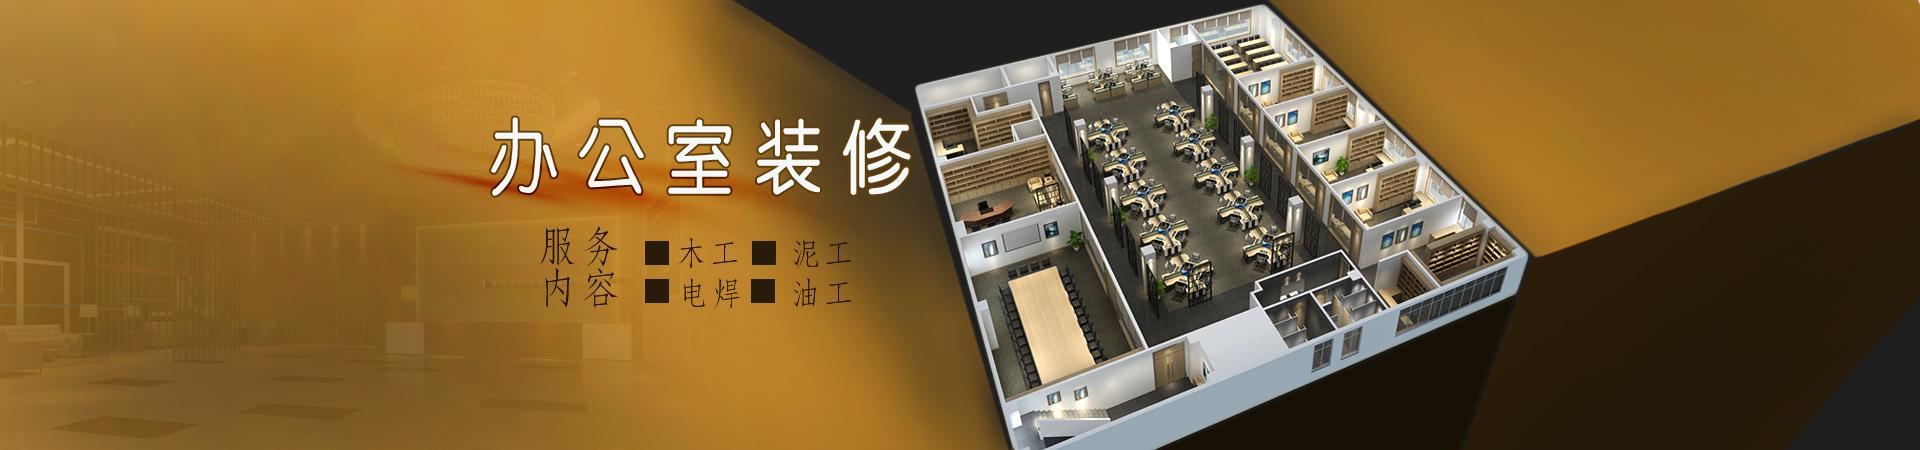 深圳市红匠装饰设计工程有限公司简介|介绍_营业执照